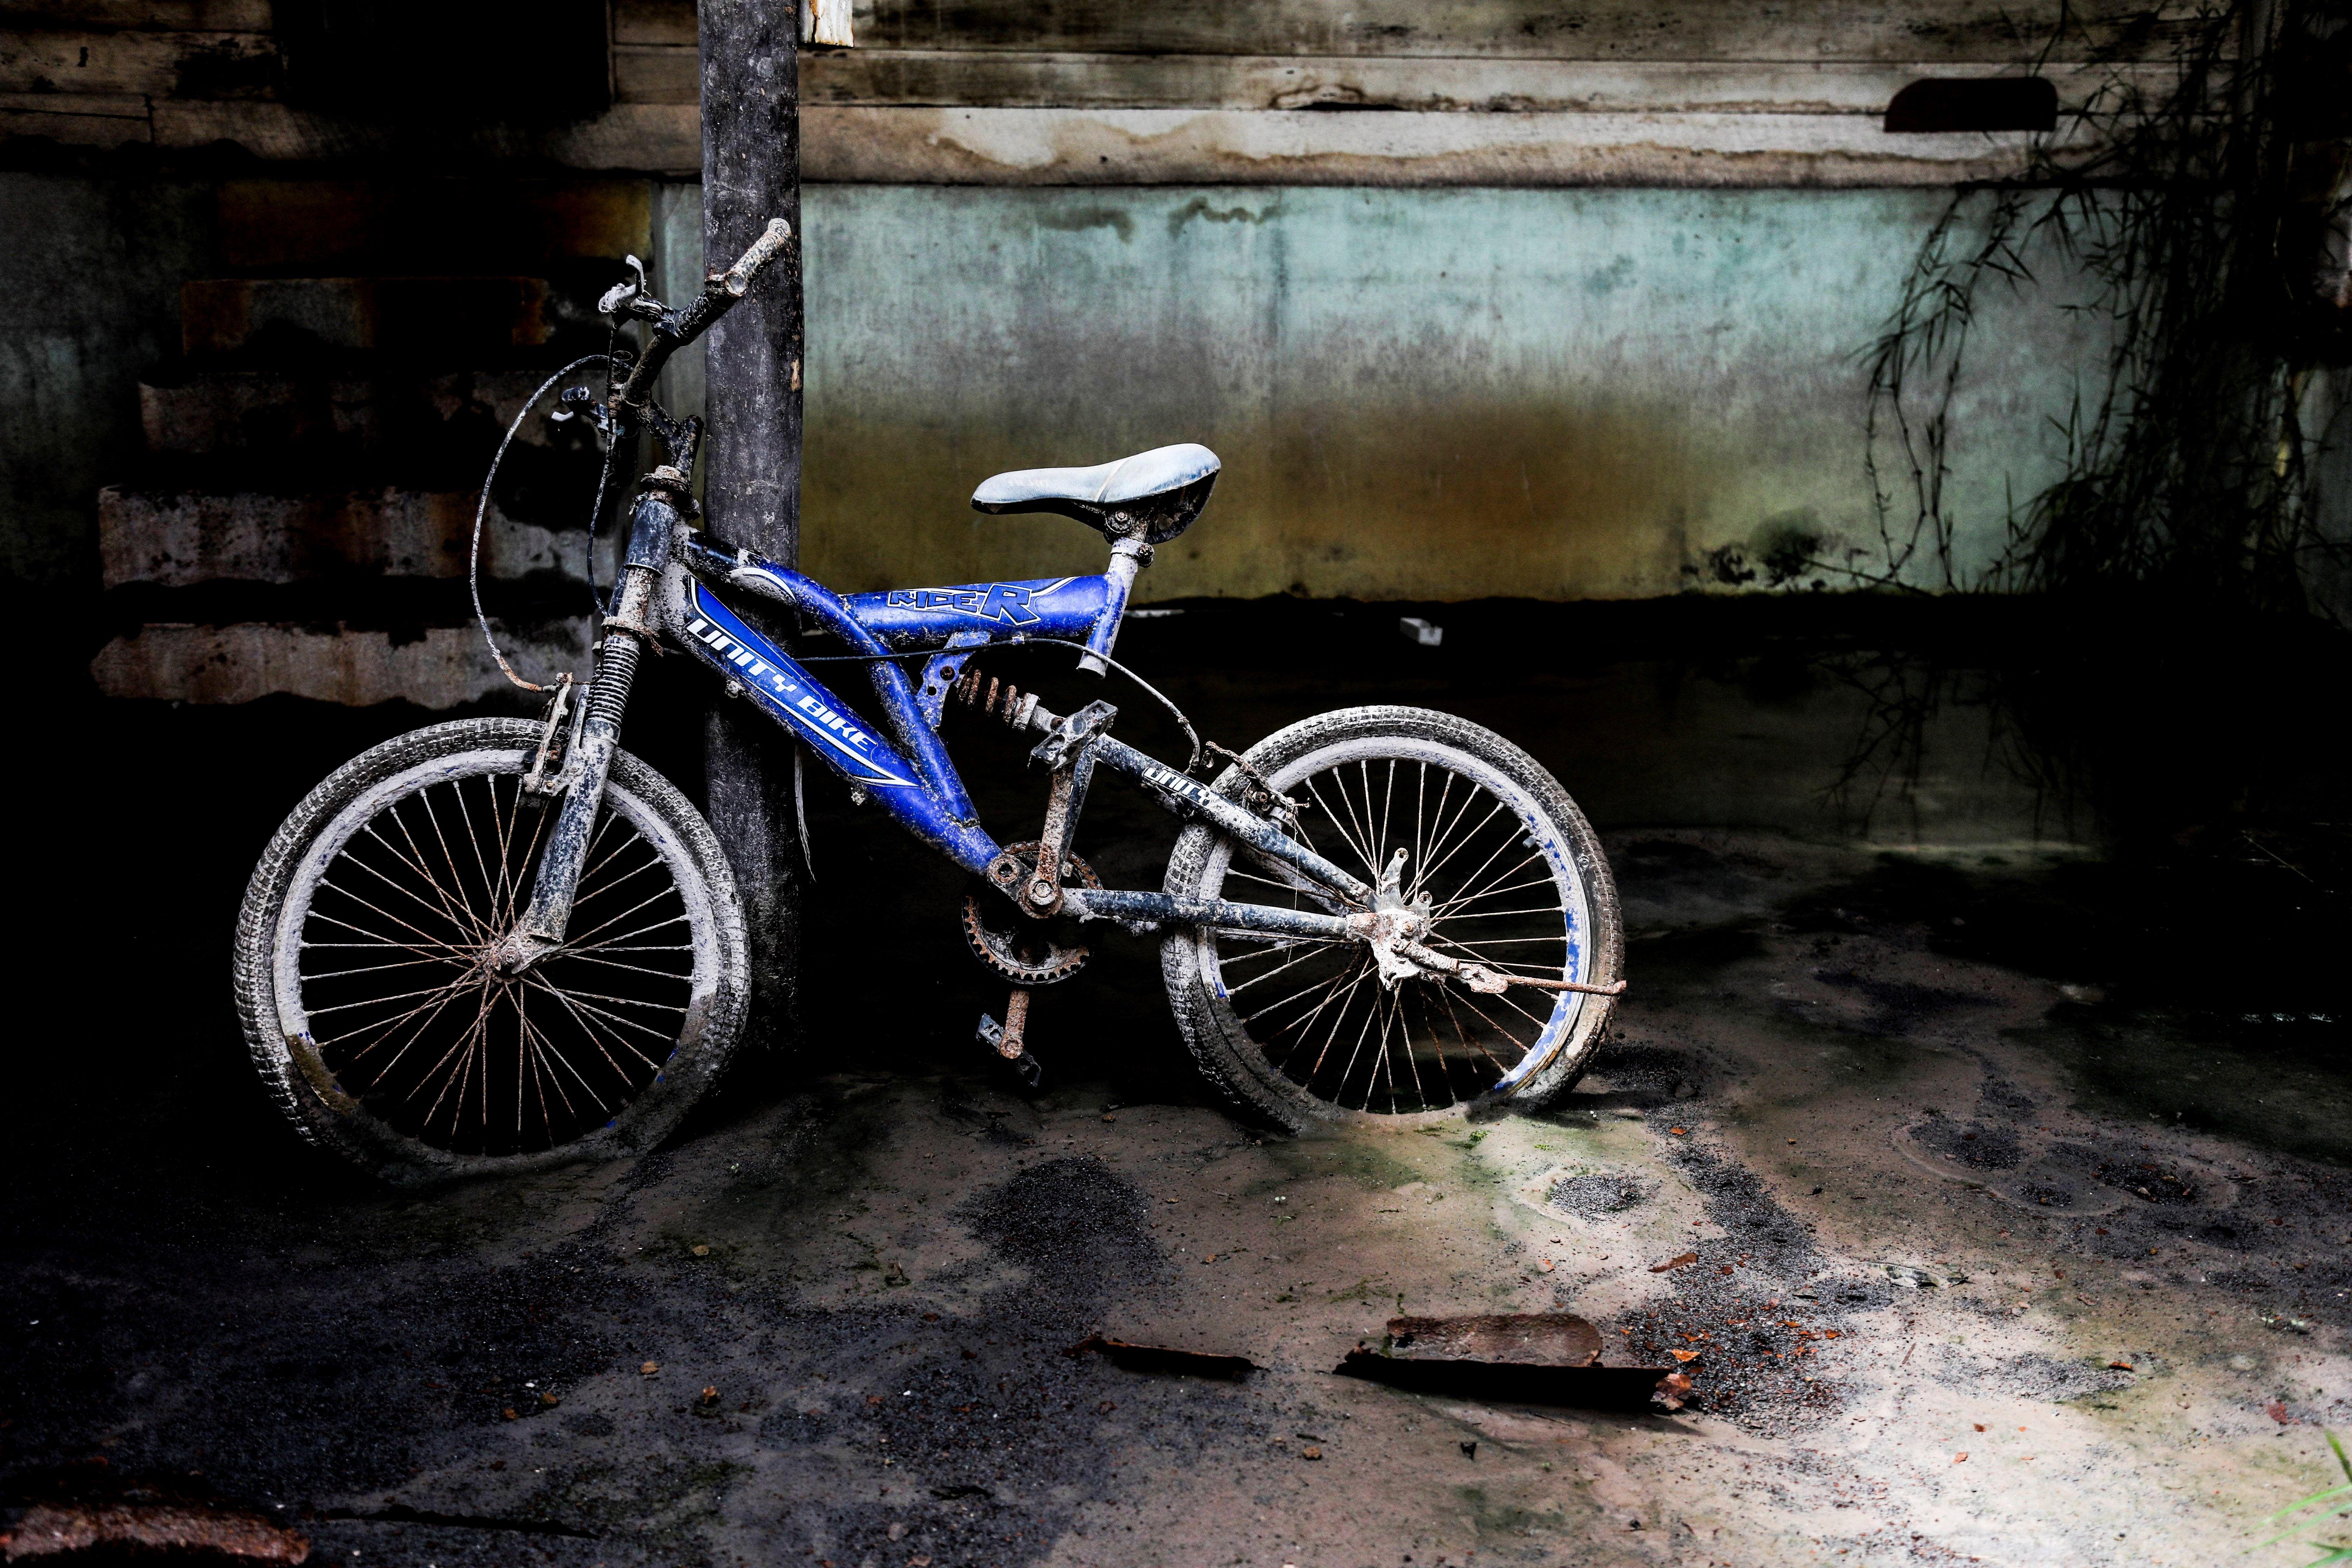 Una bicicleta a l'interior d'una casa deshabitada al poble de Sukanalu, evacuat després que el volcà Sinabung entrés en erupció el passat 1 d'octubre, al nord de l'illa de Sumatra (Indonèsia). /DEDI SINUHAJI